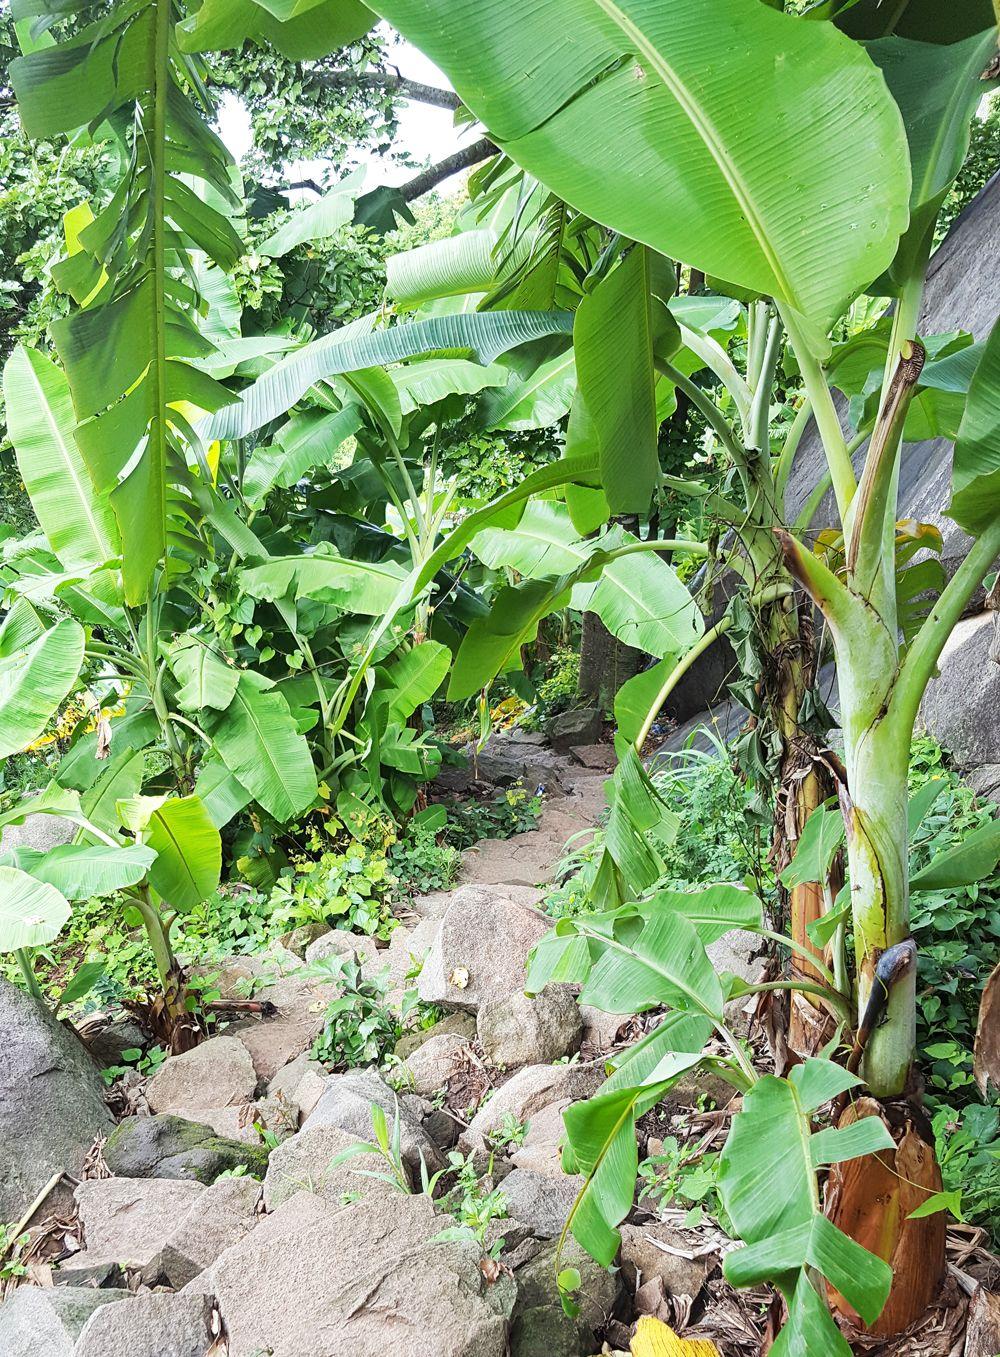 Vườn chuối người dân trồng 2 bên đường mòn lên núi Bà Đen